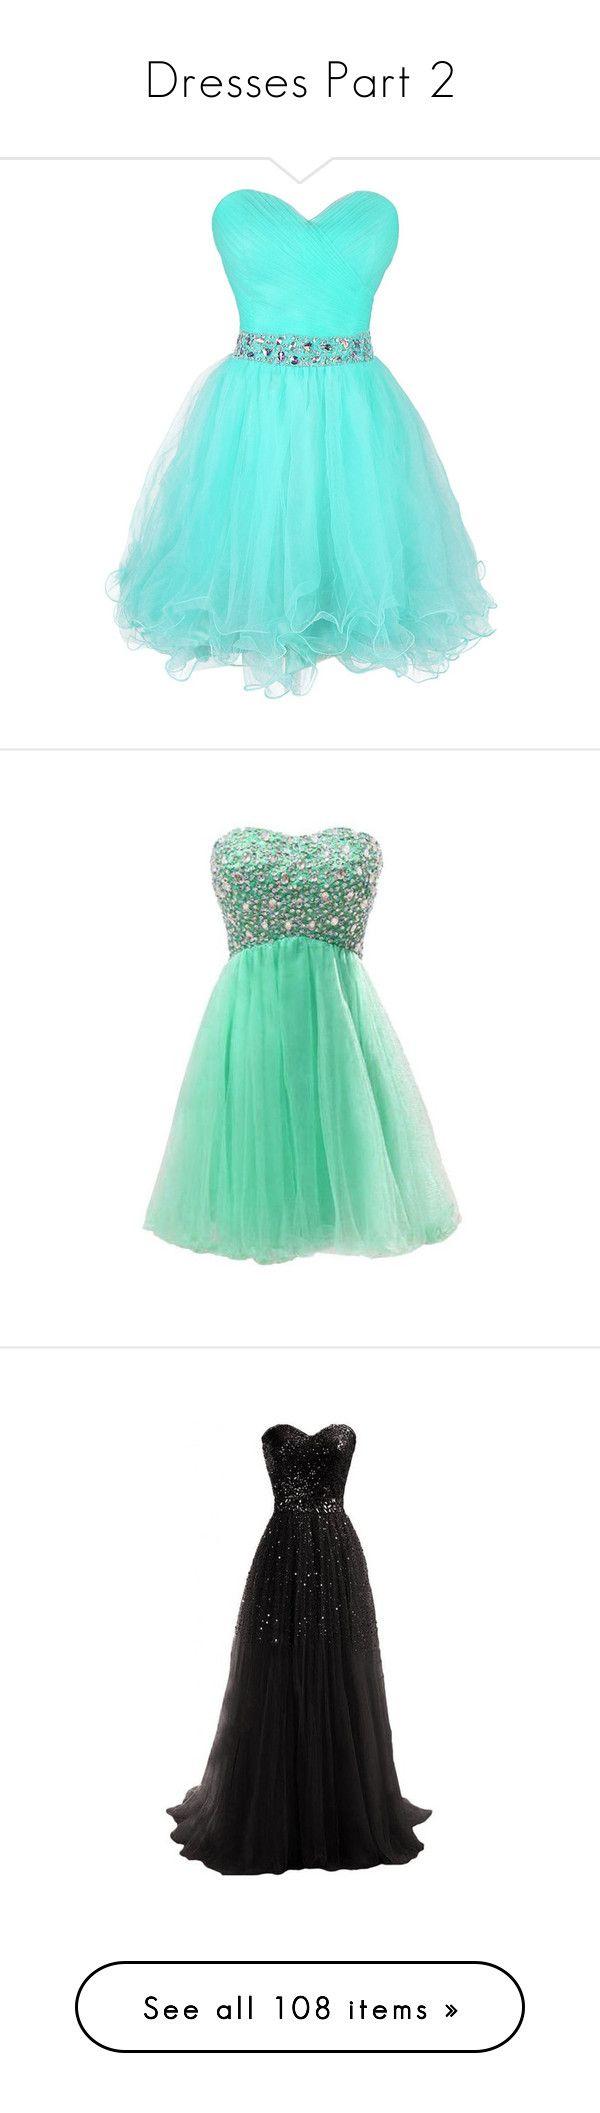 Dresses Part 2\